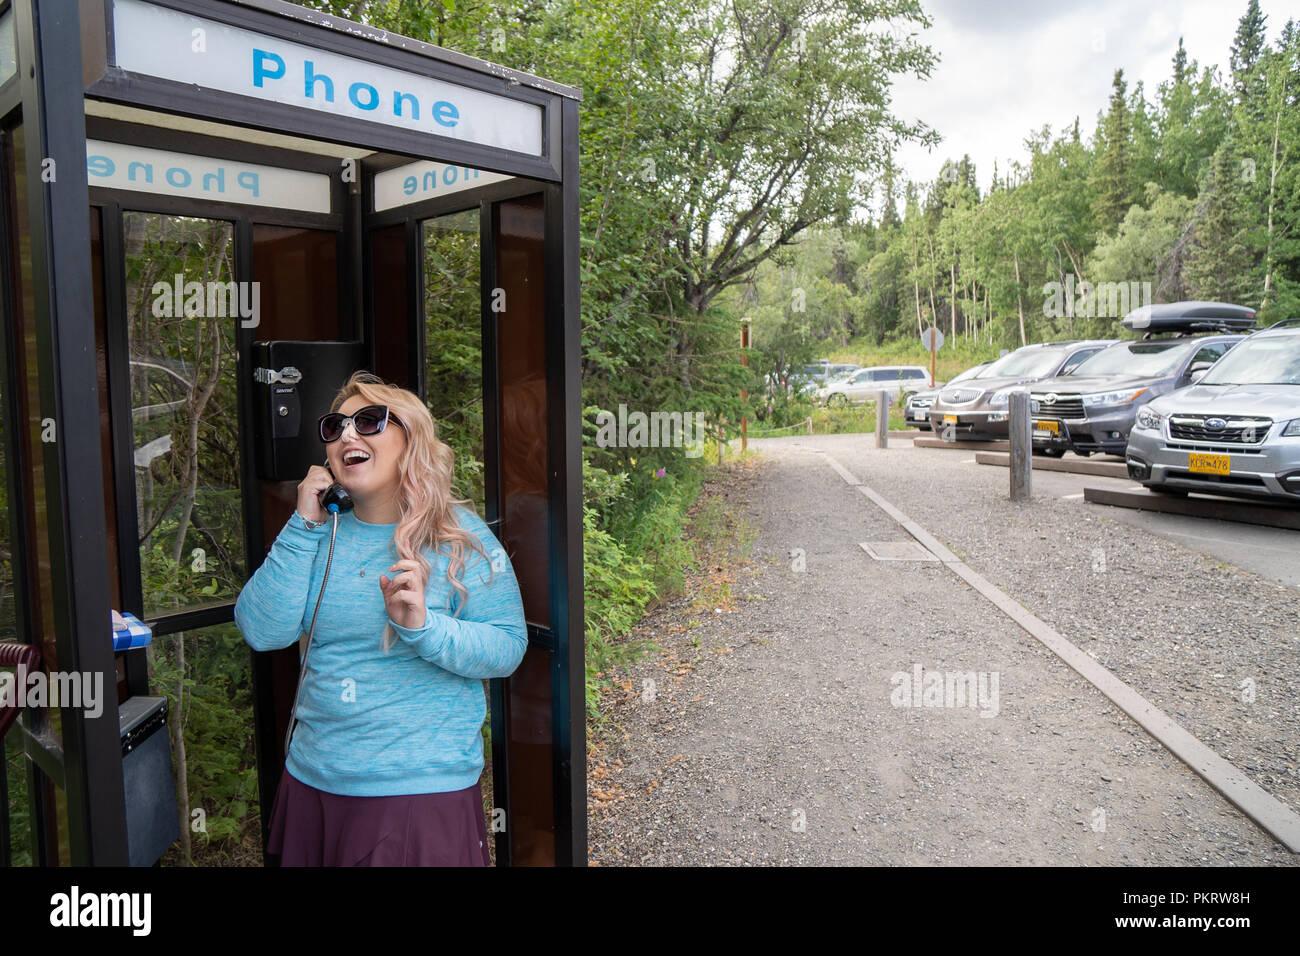 Femme blonde parle sur un téléphone fixe dans une cabine téléphonique rétro. Concept pour la technologie rétro, une technologie dépassée Photo Stock